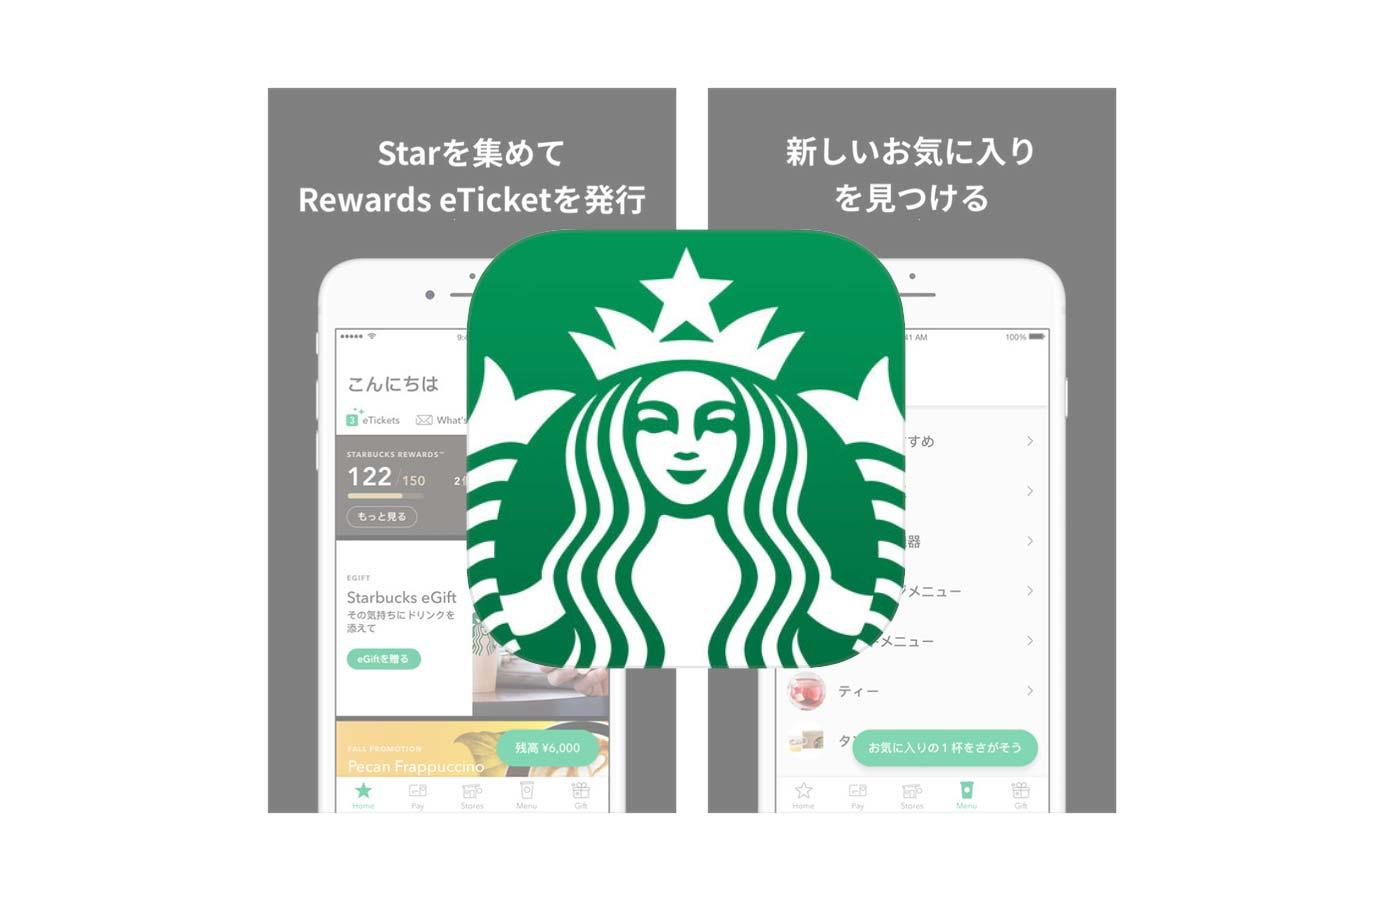 スターバックス、Starbucks Rewards機能を追加したiOSアプリ「スターバックス ジャパン公式モバイルアプリ 2.0.0」リリース